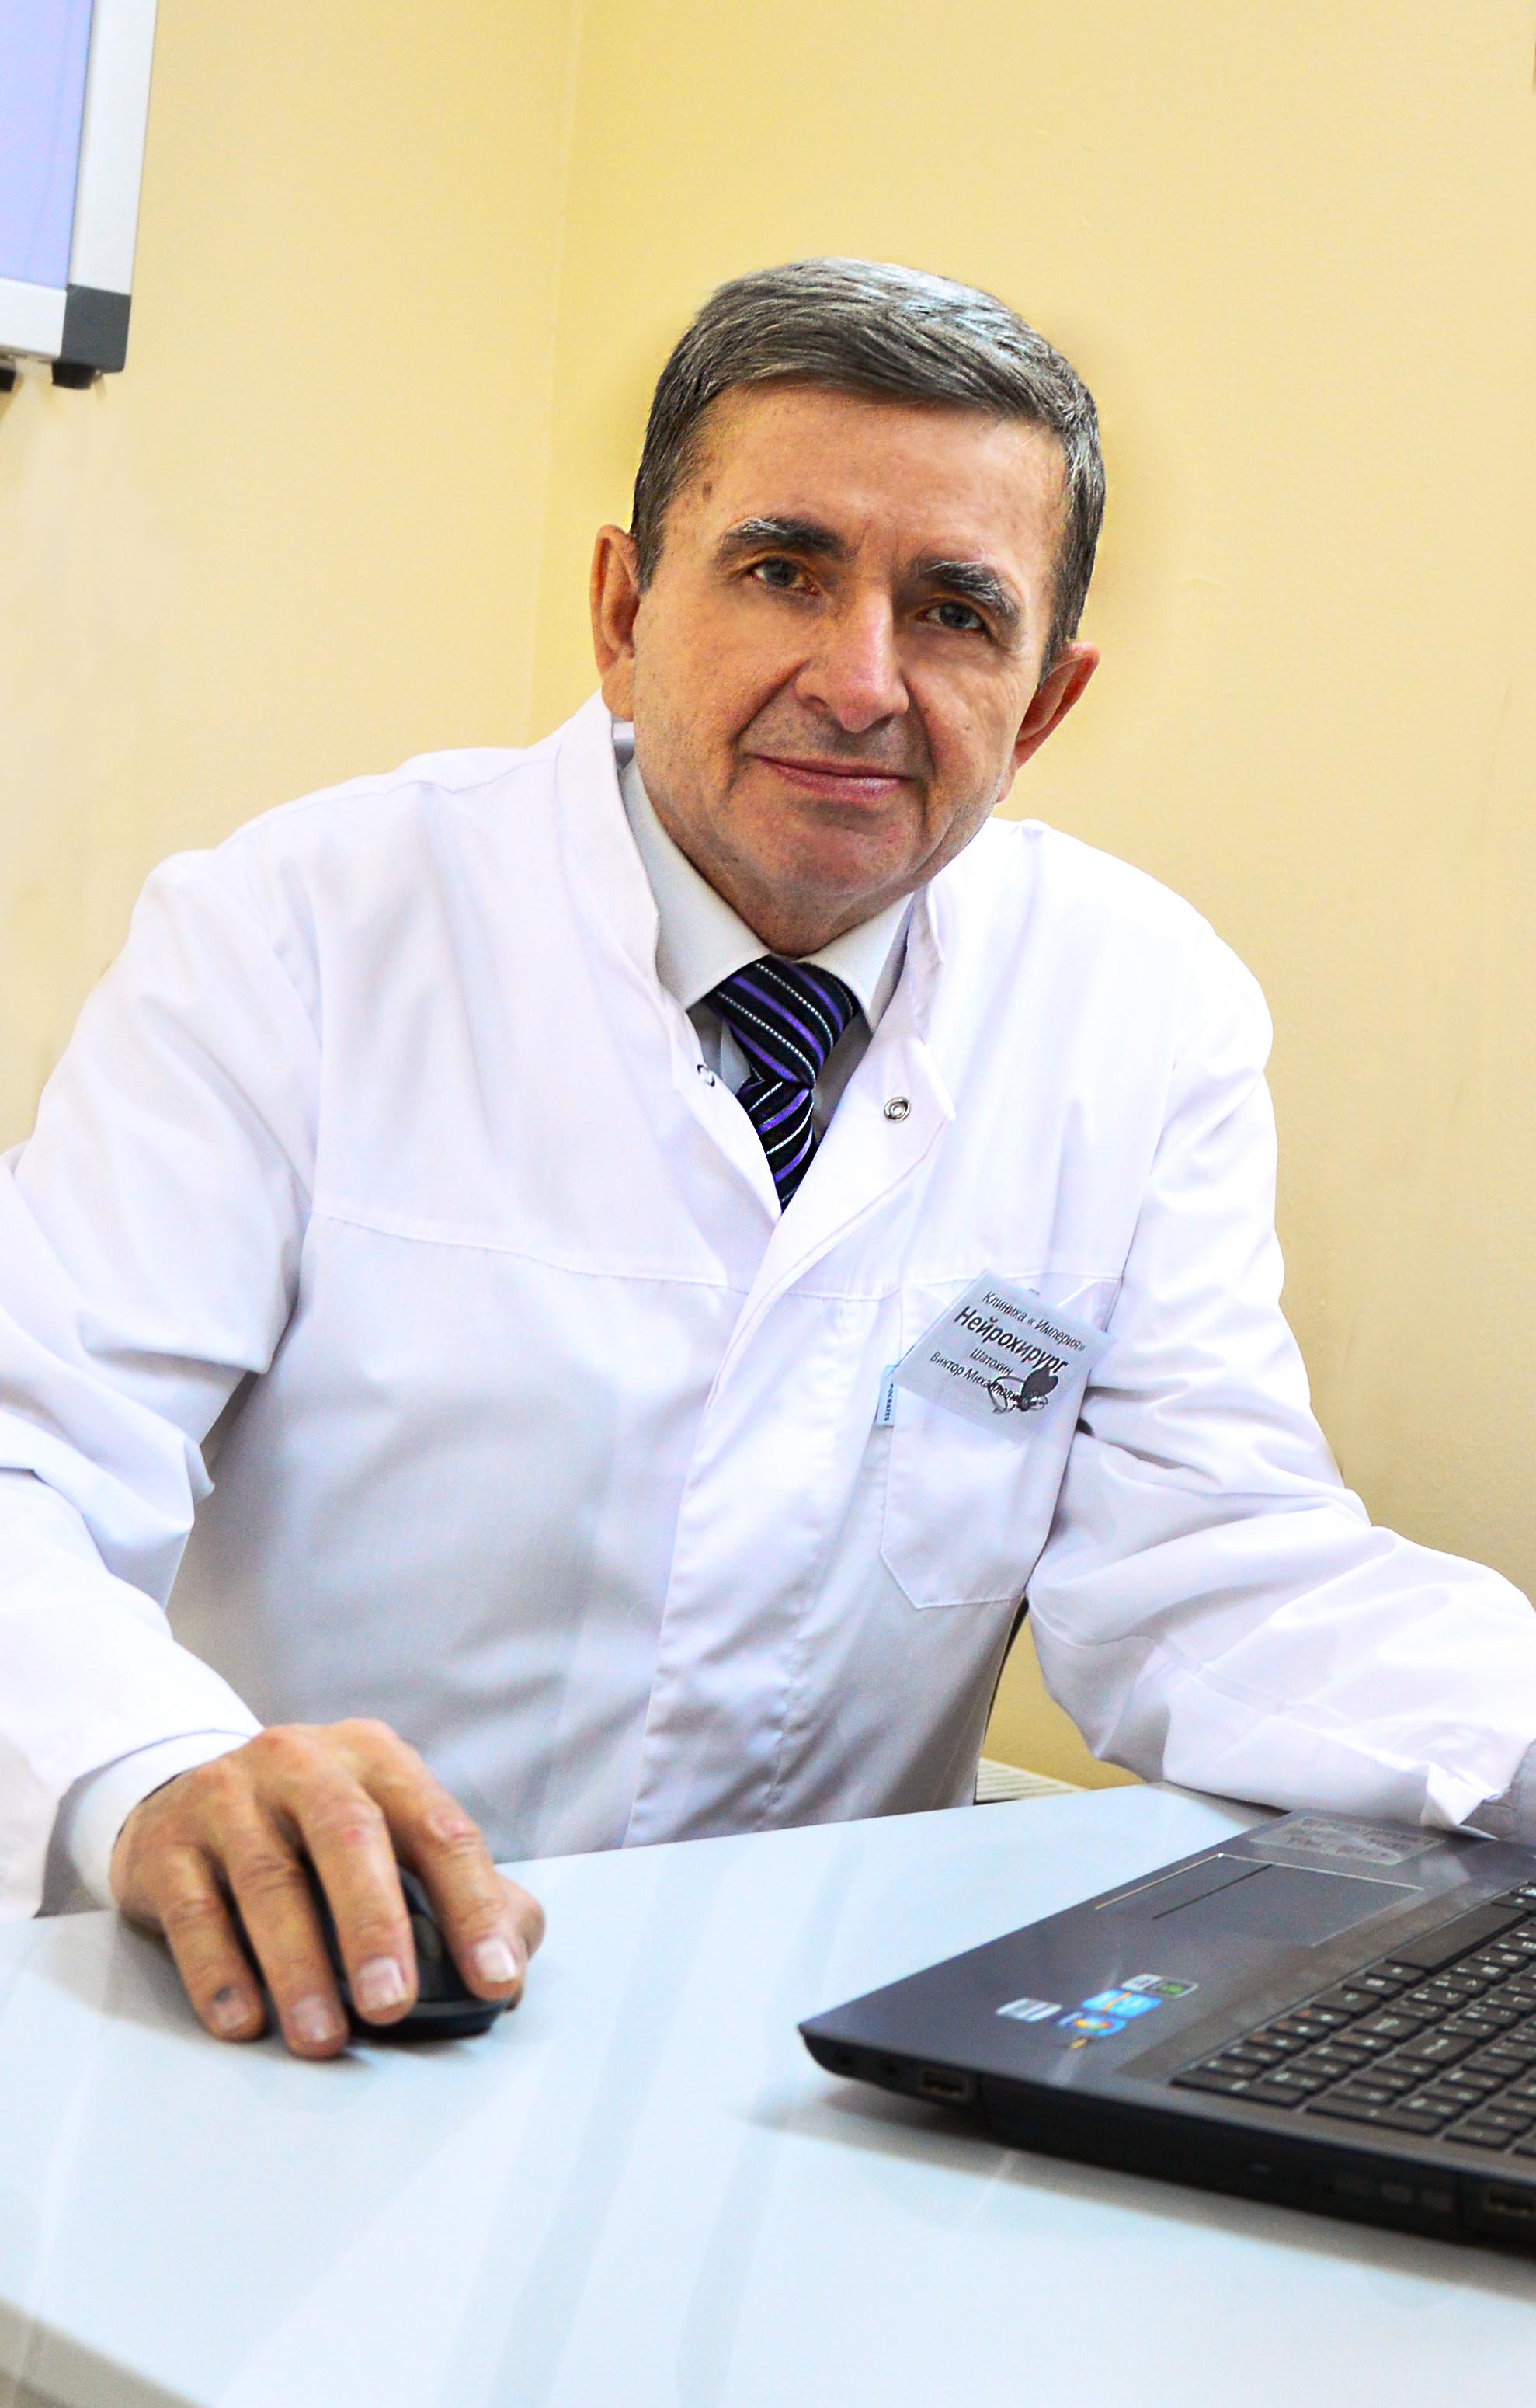 Хорошие врачи узи в москве